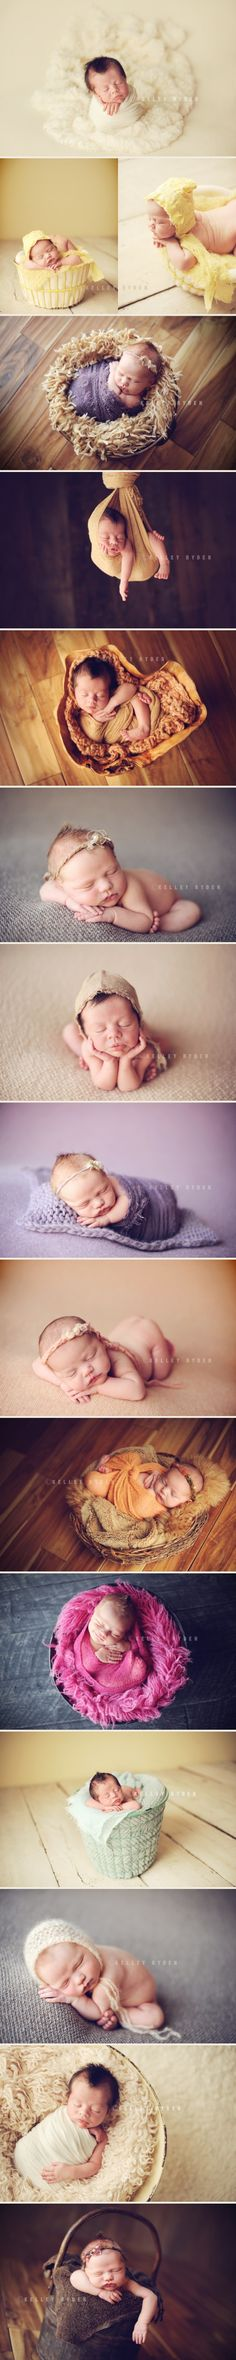 Recién nacidos con sus mejores poses